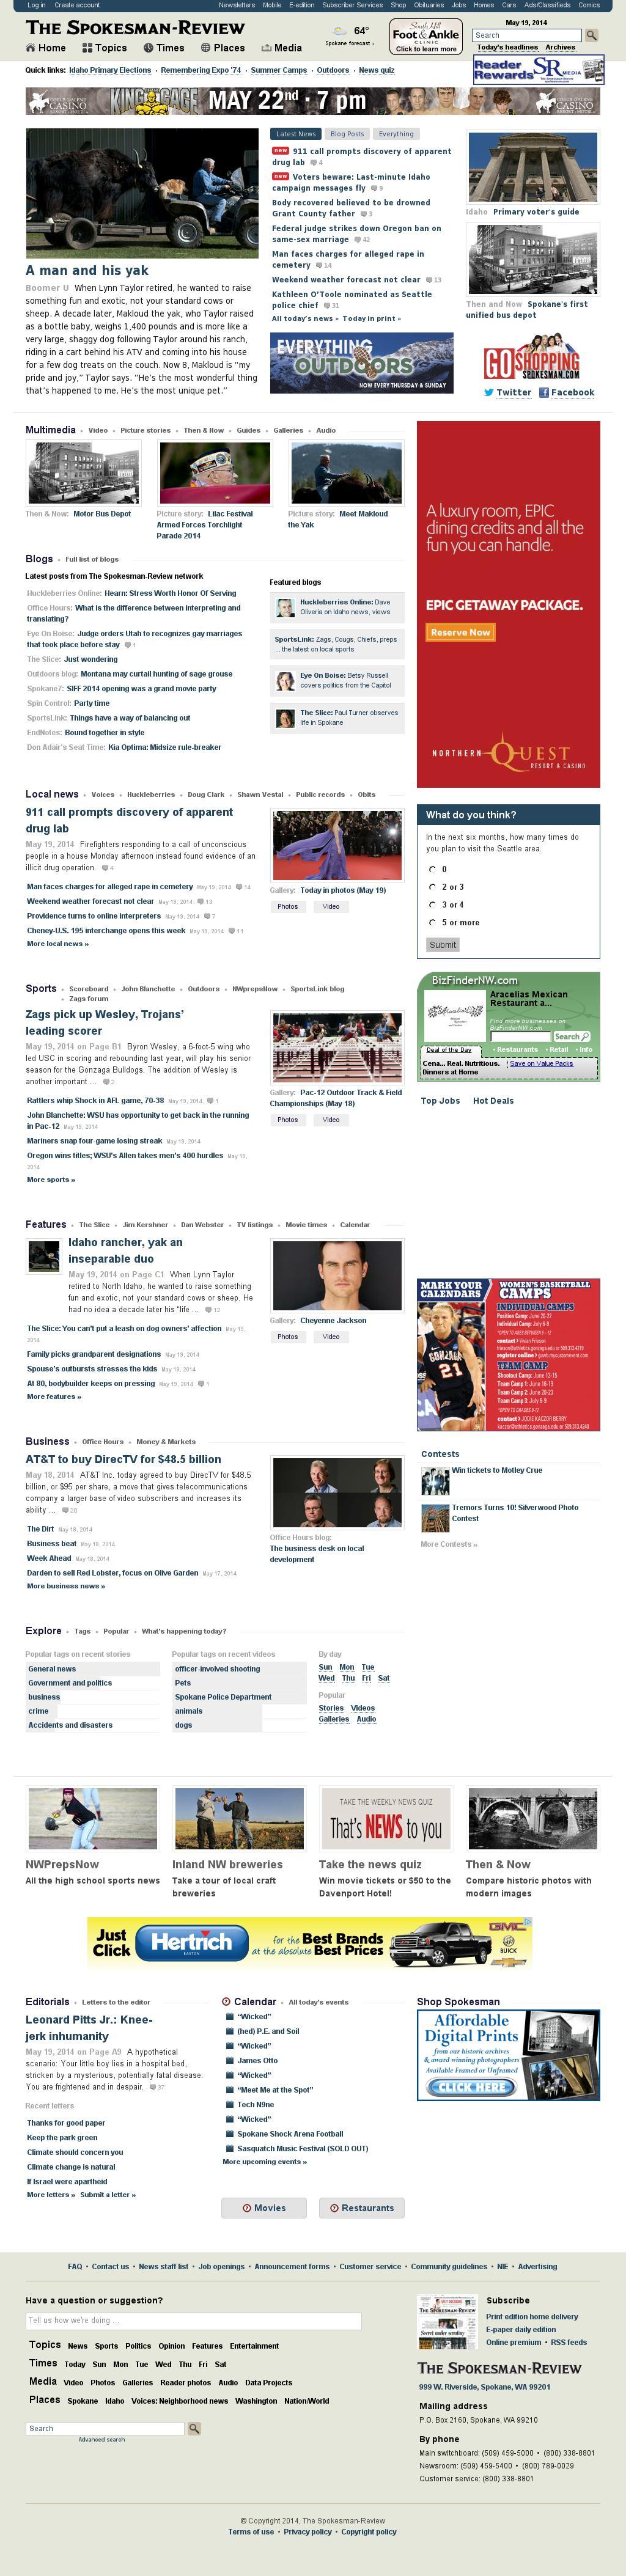 The (Spokane) Spokesman-Review at Tuesday May 20, 2014, 12:22 a.m. UTC